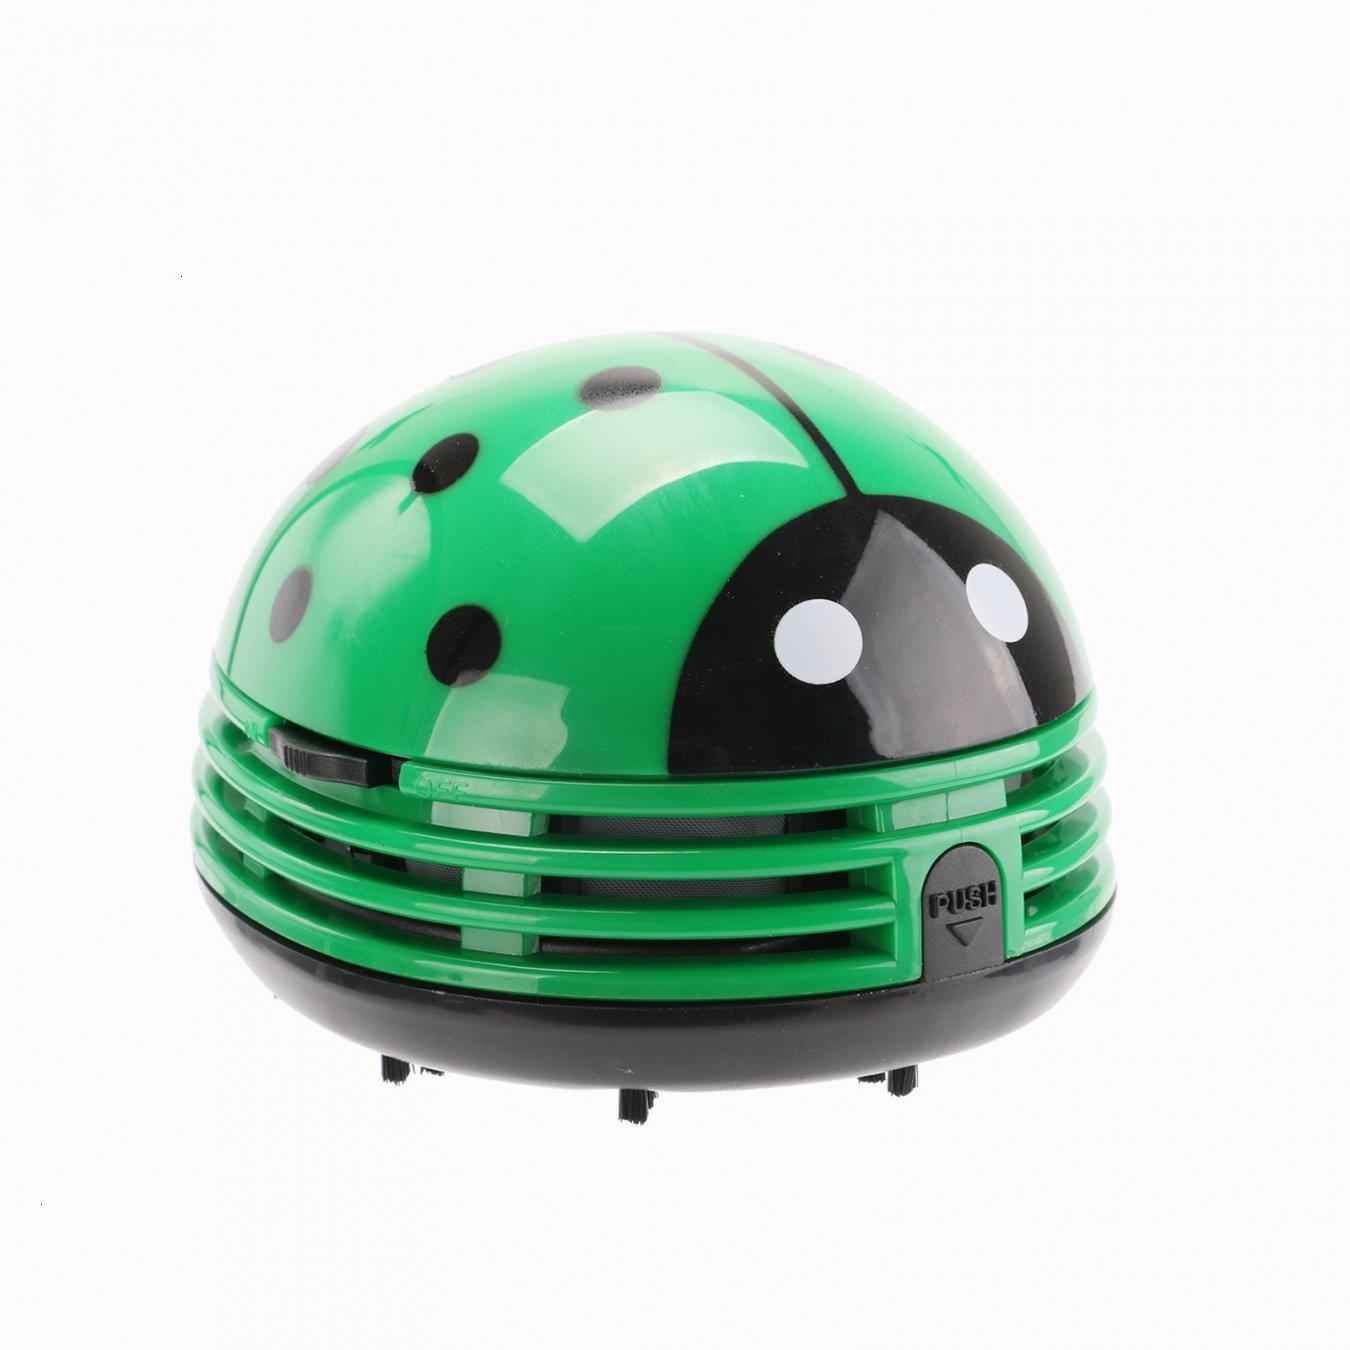 VOYEE Cute Portable Beetle Ladybug Cartoon Mini Desktop Vacuum Desk Dust Cleaner Green by VOYEE (Image #4)